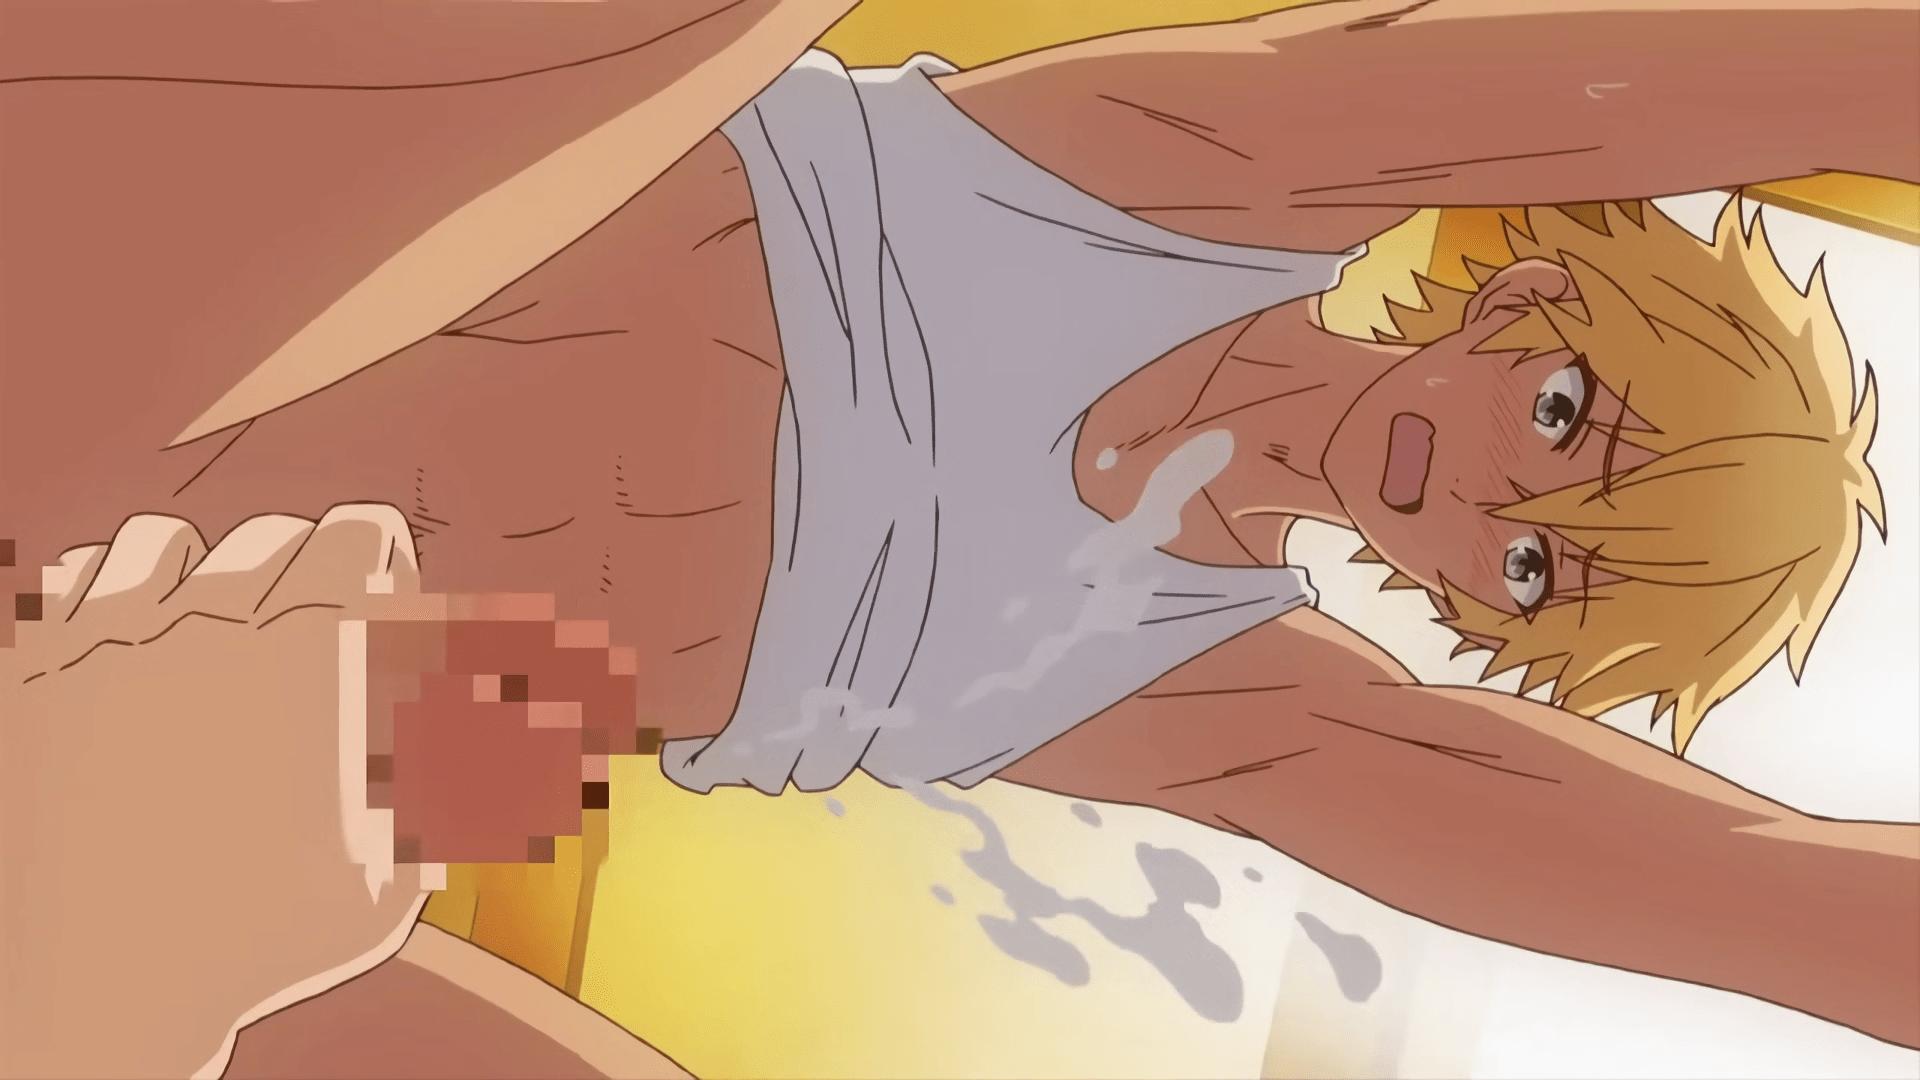 HentaiVideos.net Kuro Gal ni Natta kara Shin`yuu to Shite Mita. Episode 2